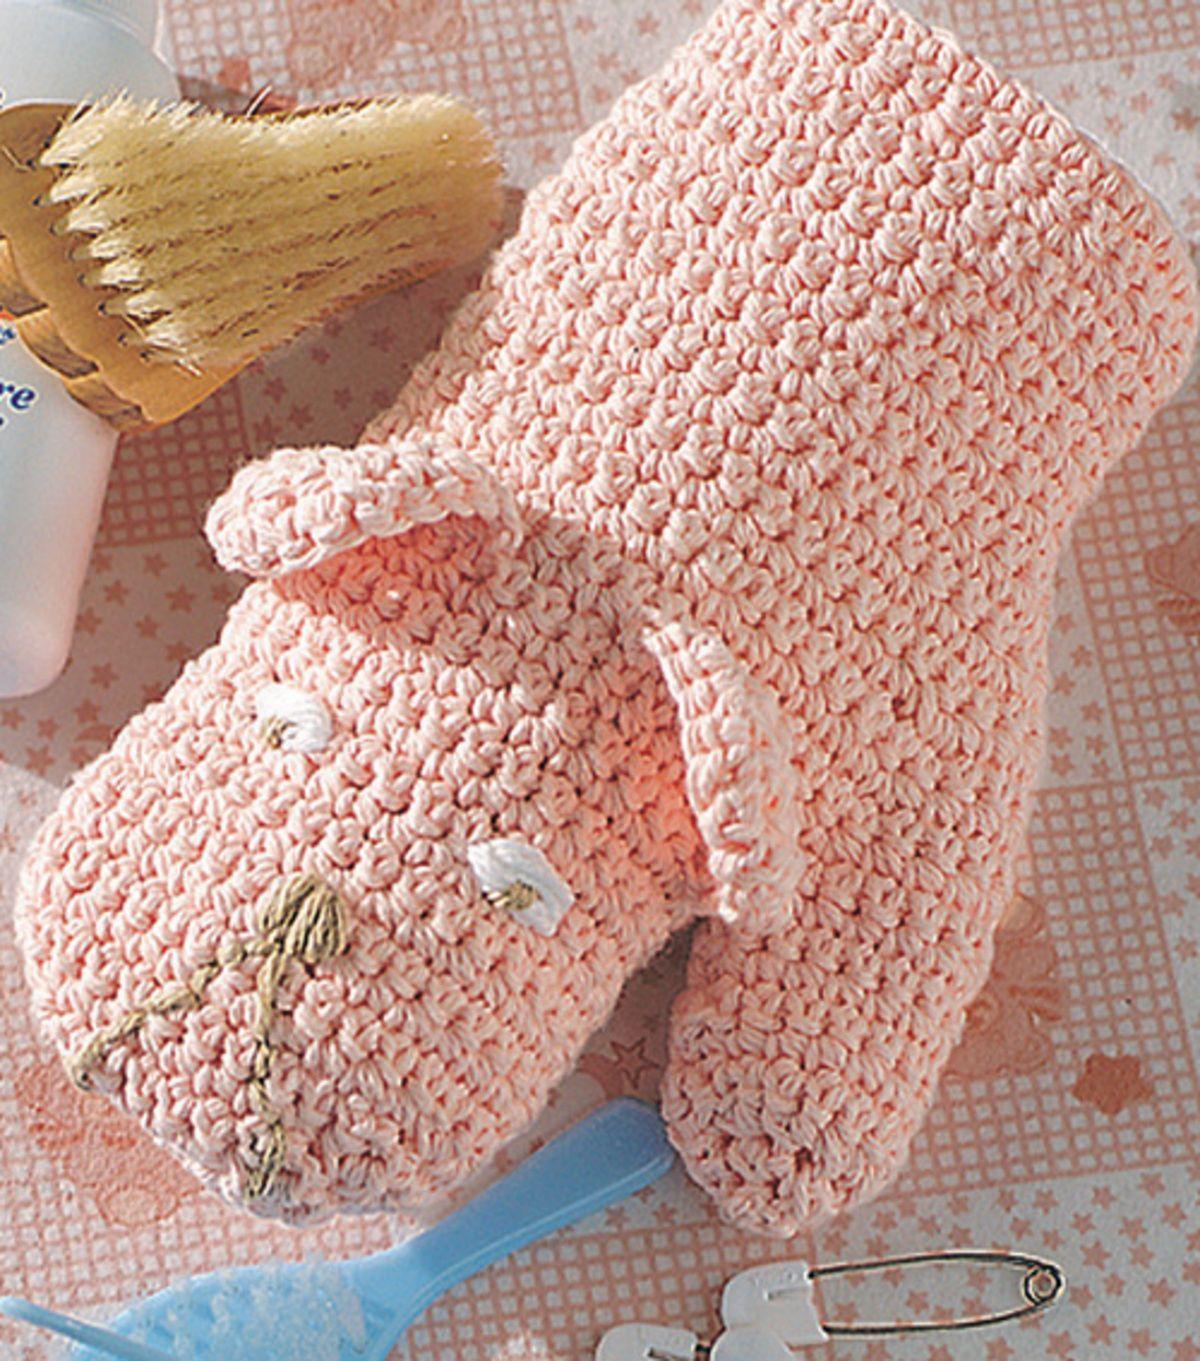 Encantador Patrón De Crochet Ondulación Ordenado Imágenes - Manta de ...